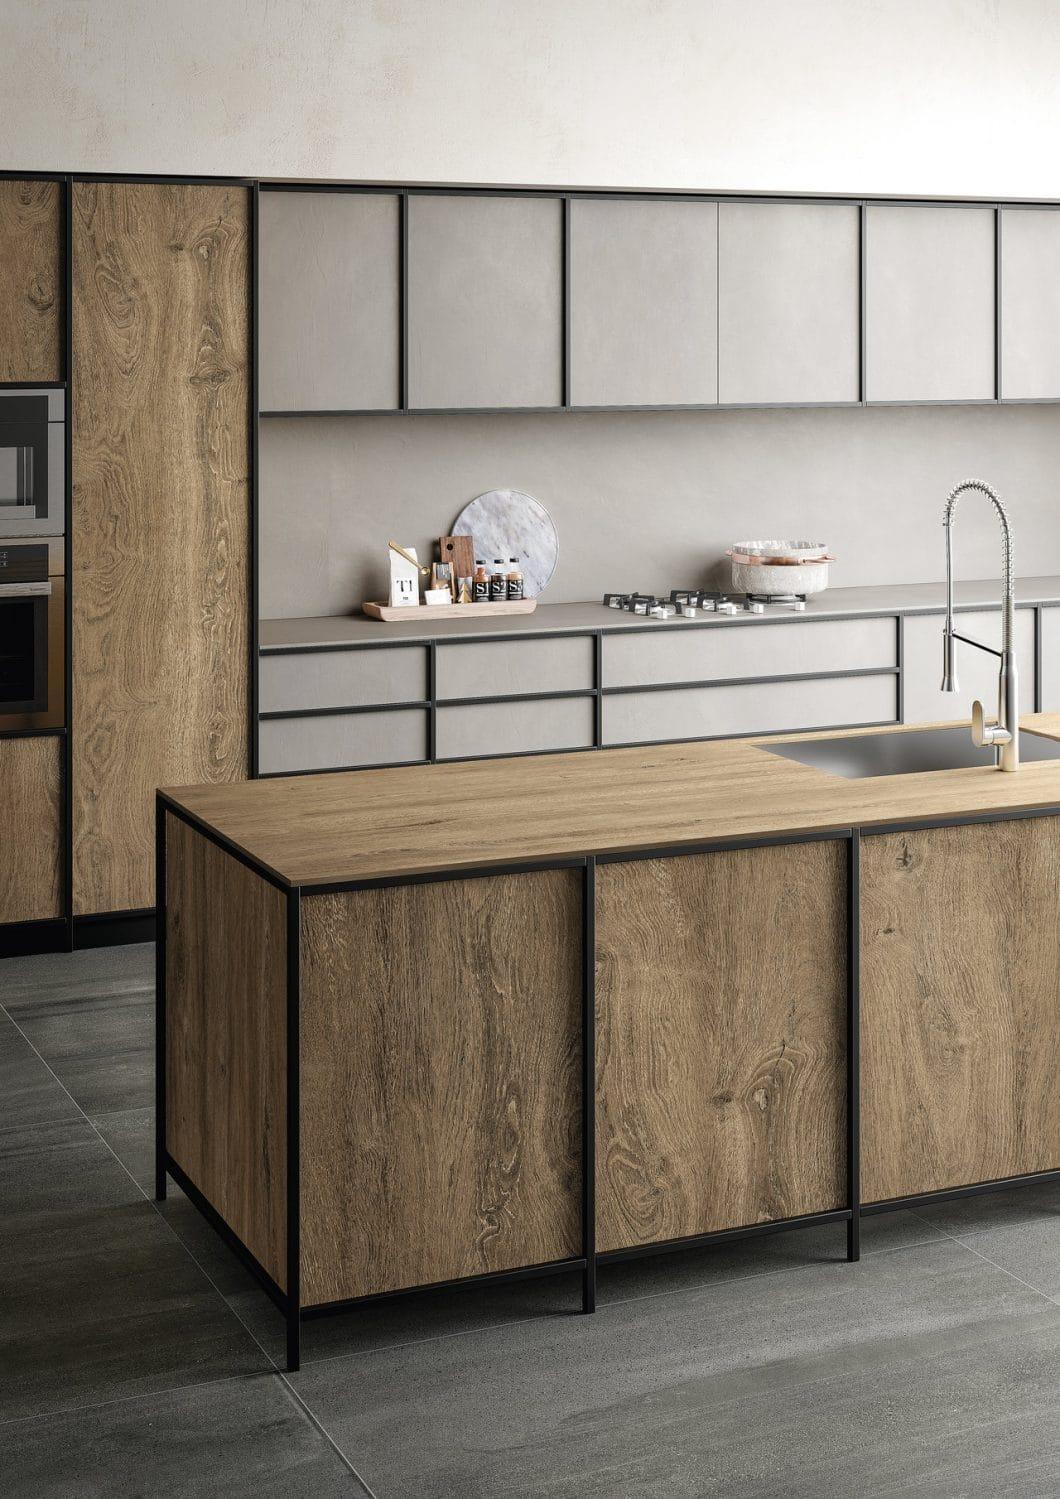 Während Holz die Wärme der Kollektion Rovere definiert, steht das eigentliche Material Feinsteinzeug für absolute Widerstandsfähigkeit, Abriebbeständigkeit, Wärme- und Kälteresistenz sowie Pflegeleichtigkeit in der Küche. (Foto: SapienStone)